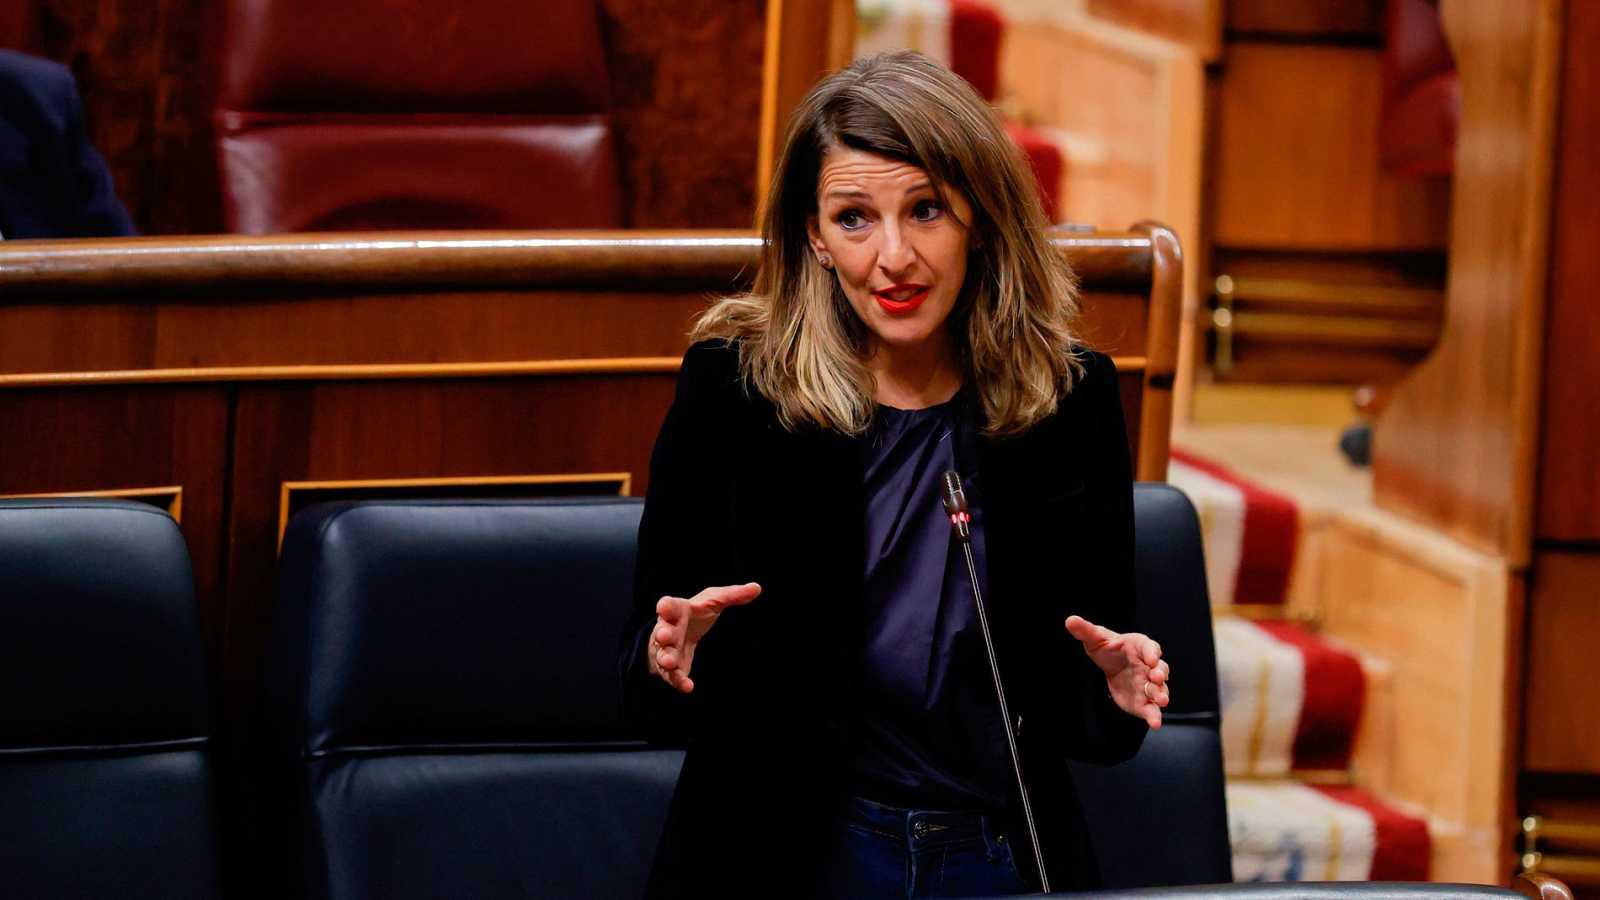 La ministra de Trabajo, Yolanda Díaz durante la sesión de control al Gobierno, este miércoles, en el Congreso de los Diputados, en Madrid.